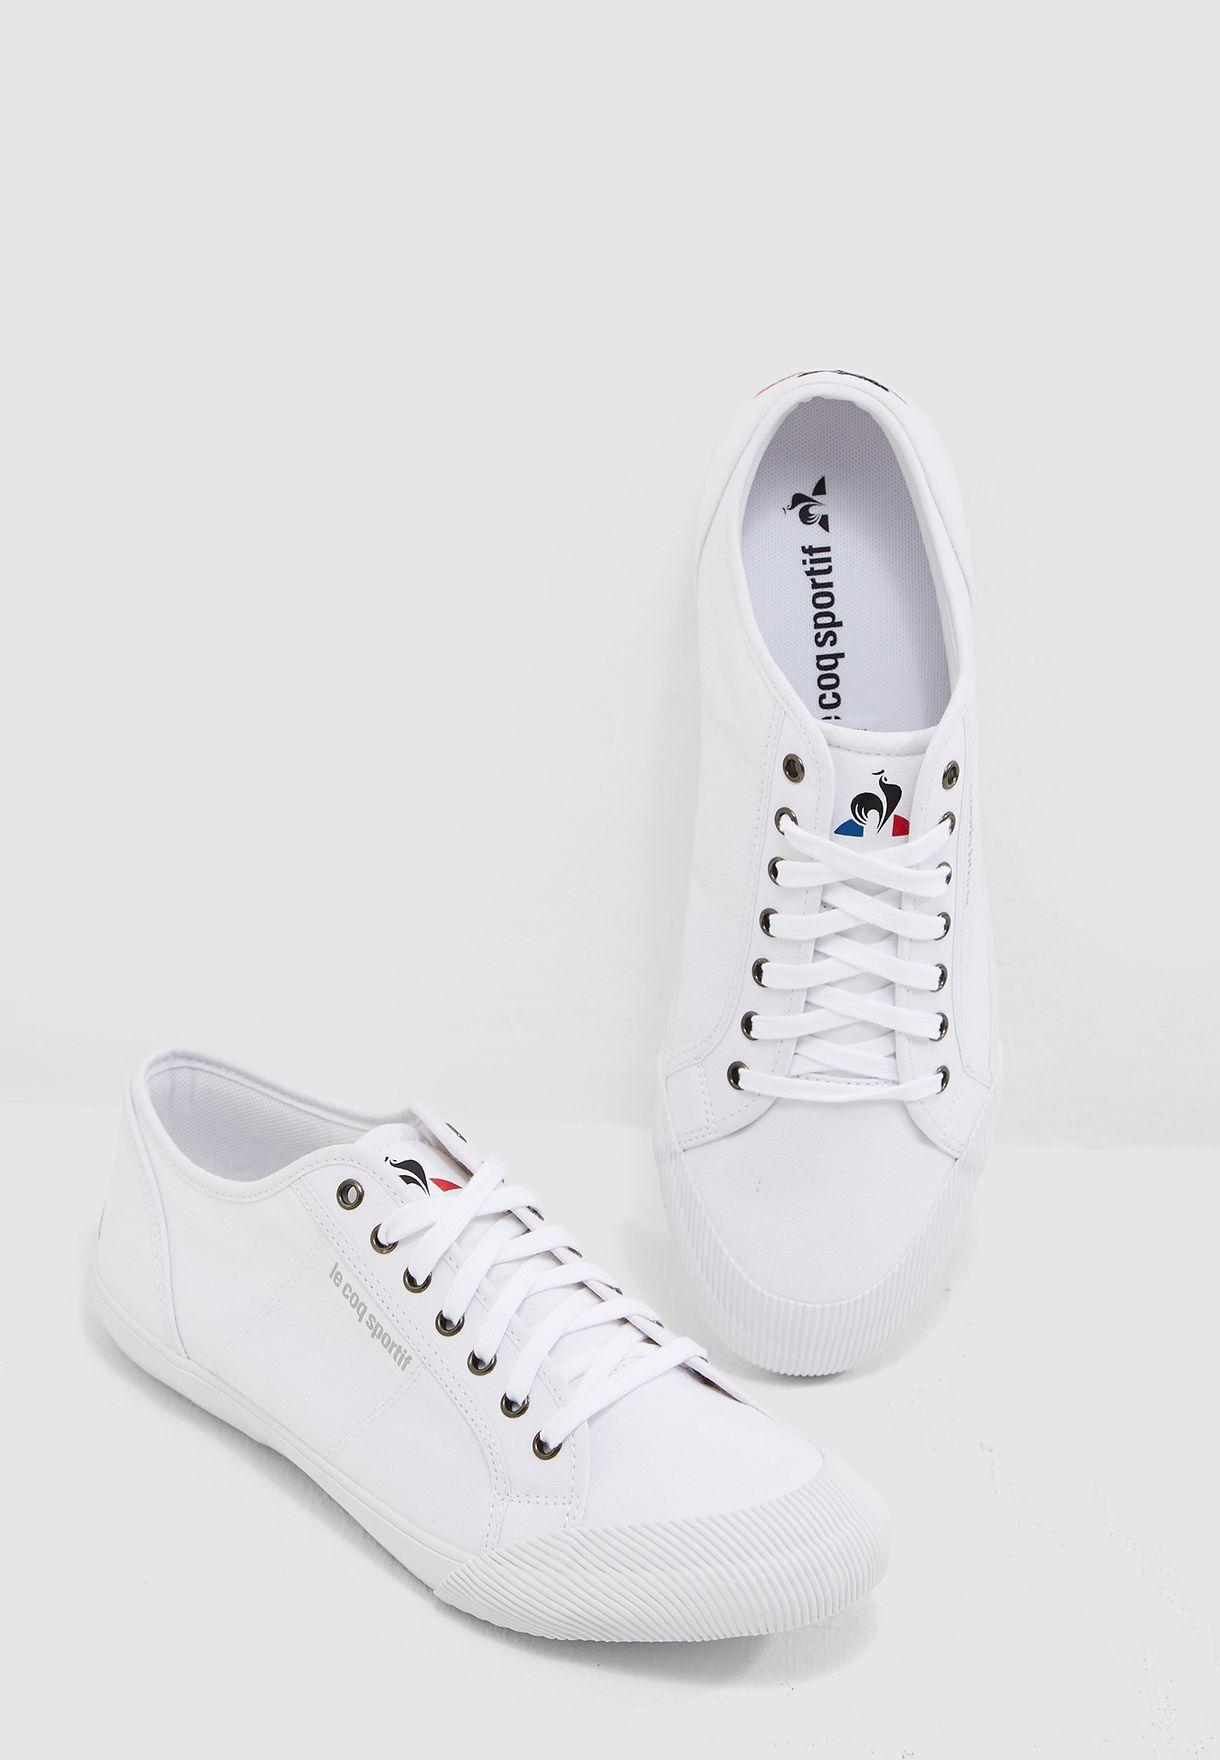 77b2cbb445e3 Shop Le Coq Sportif white Deauville 1820069 for Men in Saudi ...